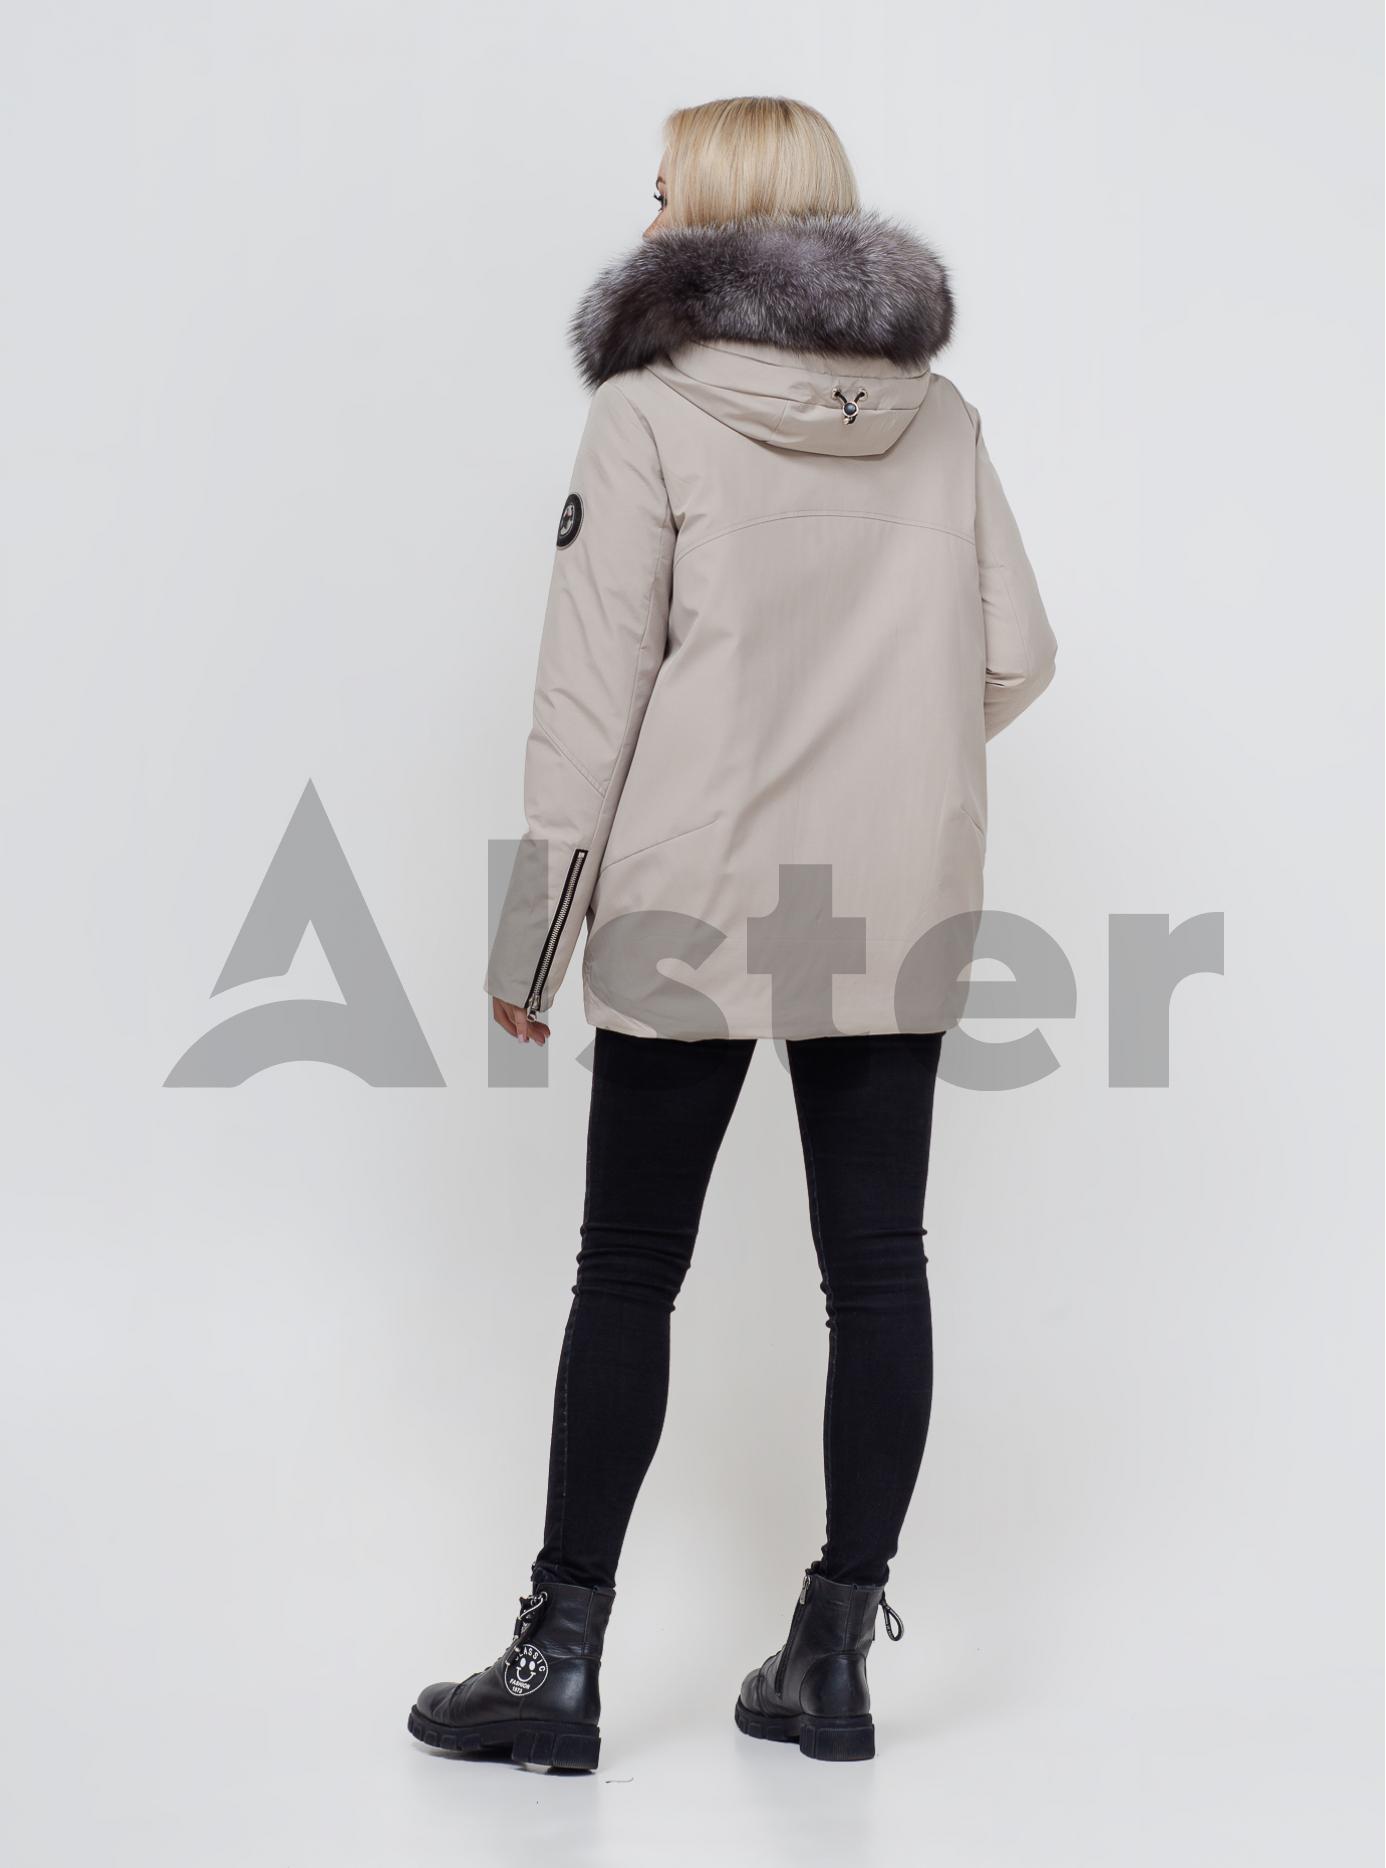 Пуховик зимовий з хутром лисиці Світло-бежевий S (02-N200429): фото - Alster.ua